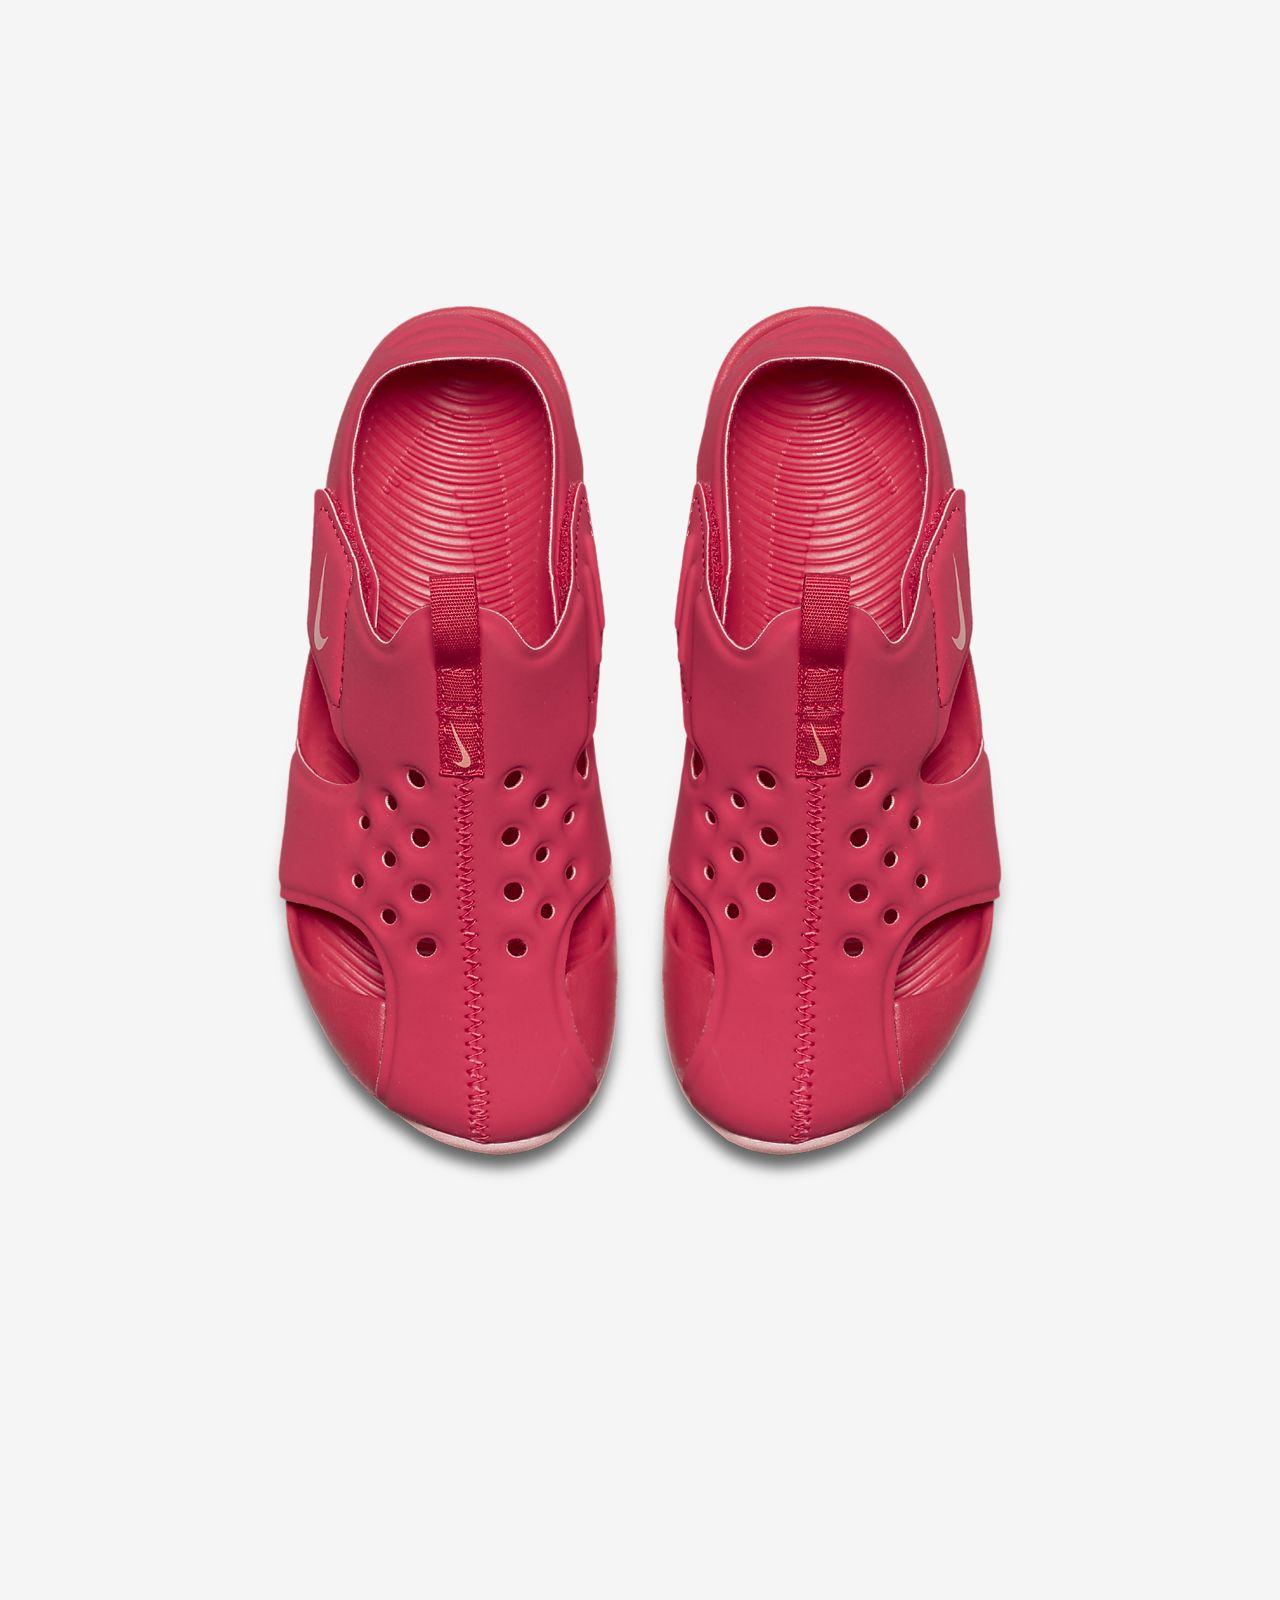 68bf2e180aa69 Sandale Nike Sunray Protect 2 pour Jeune enfant. Nike.com CH